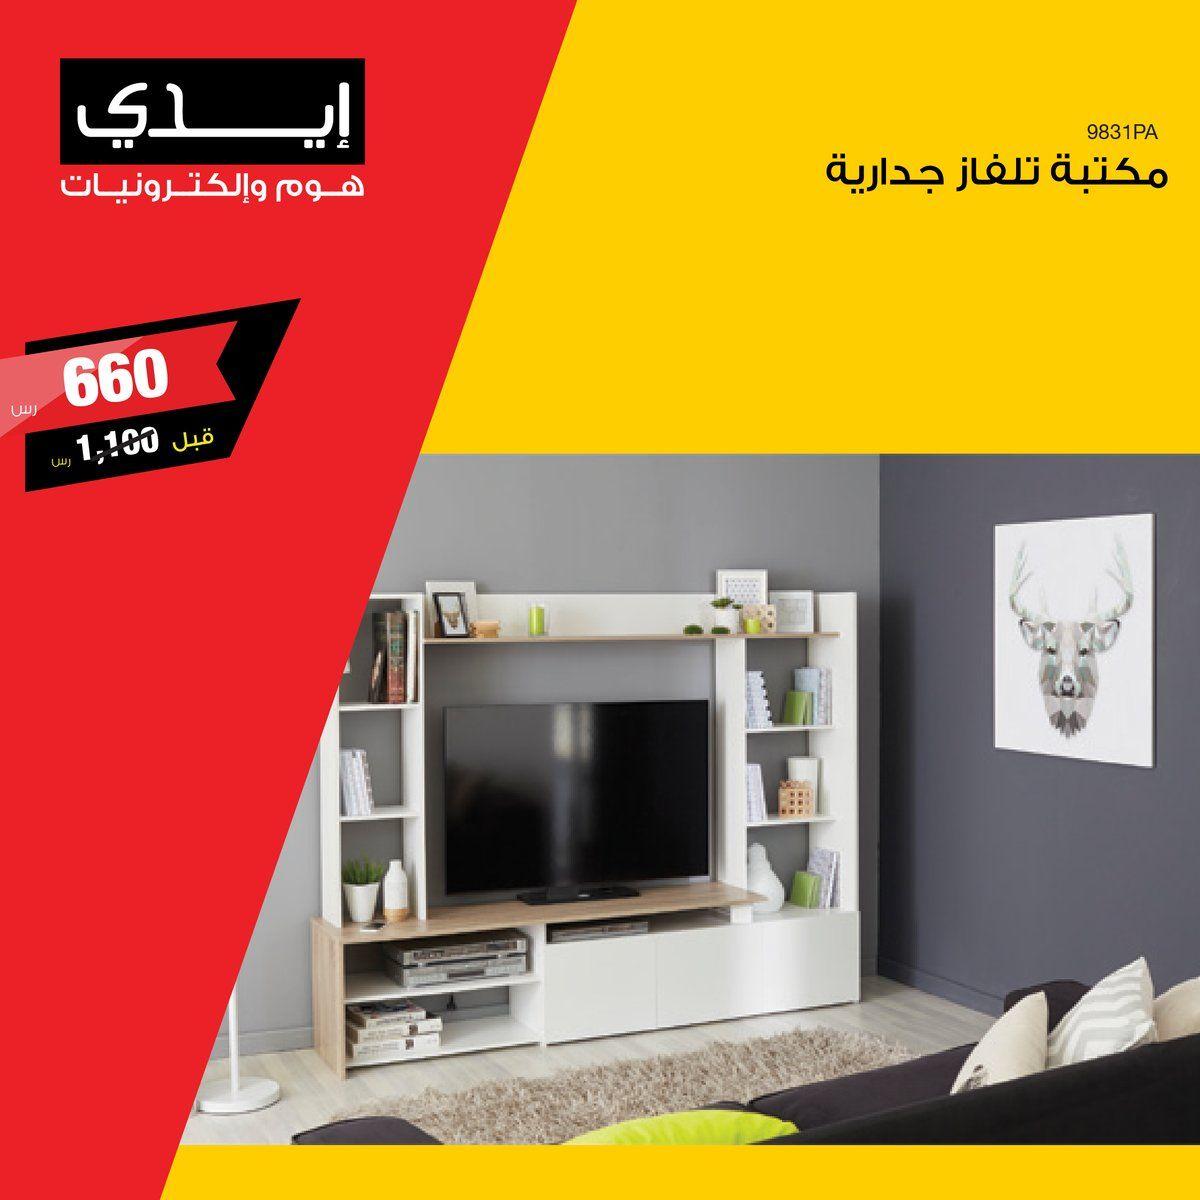 عروض ايدي هوم والكترونيات لـ مكتبة تلفاز جدارية بـ 660 ريال بدلا من 1100 ريال Https Www 3orod Today Saudi Arabia Offer Tv Flatscreen Tv Electronic Products